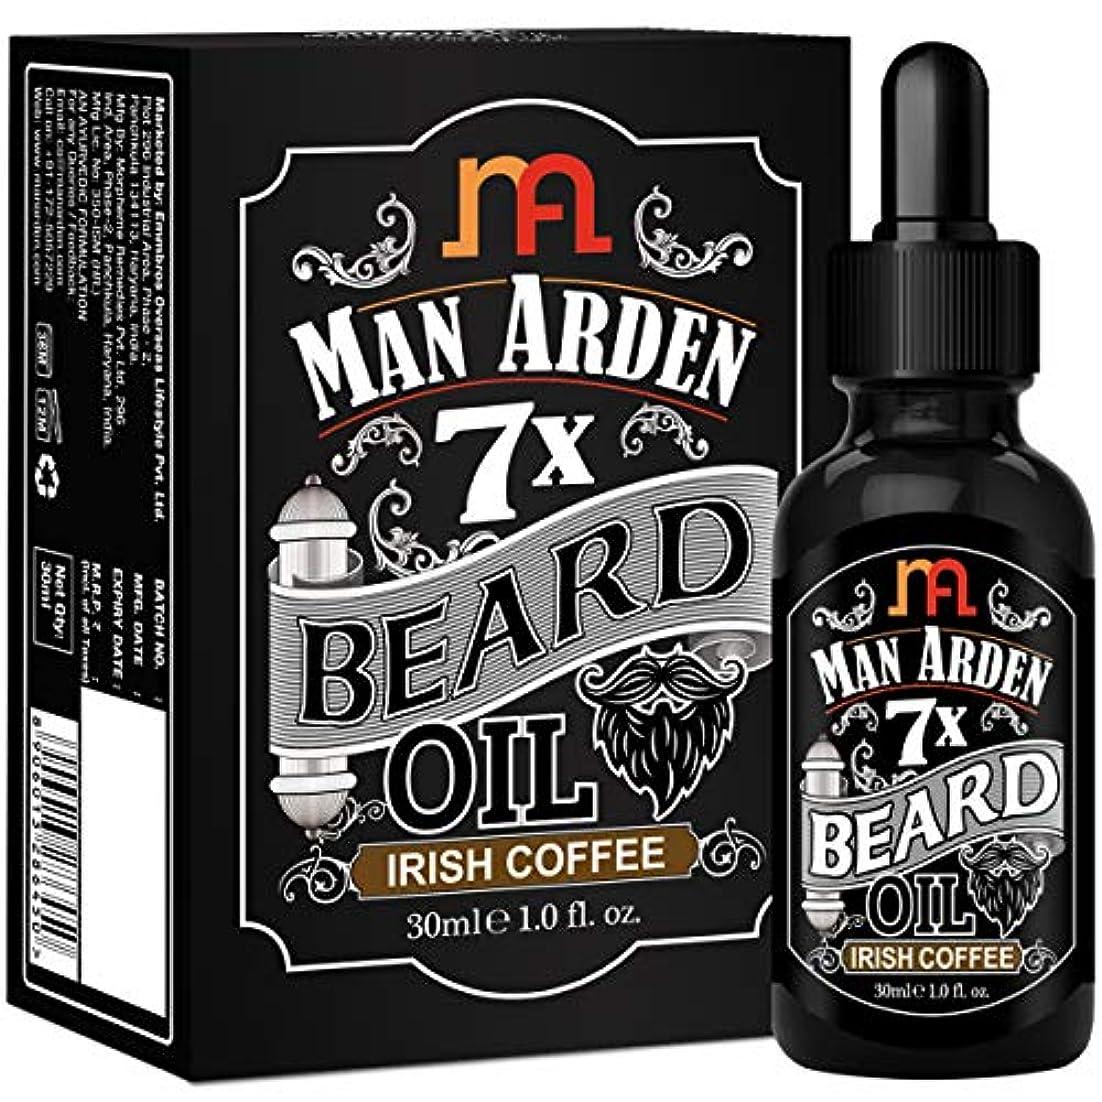 派生するショット確保するMan Arden 7X Beard Oil 30ml (Irish Coffee) - 7 Premium Oils For Beard Growth & Nourishment